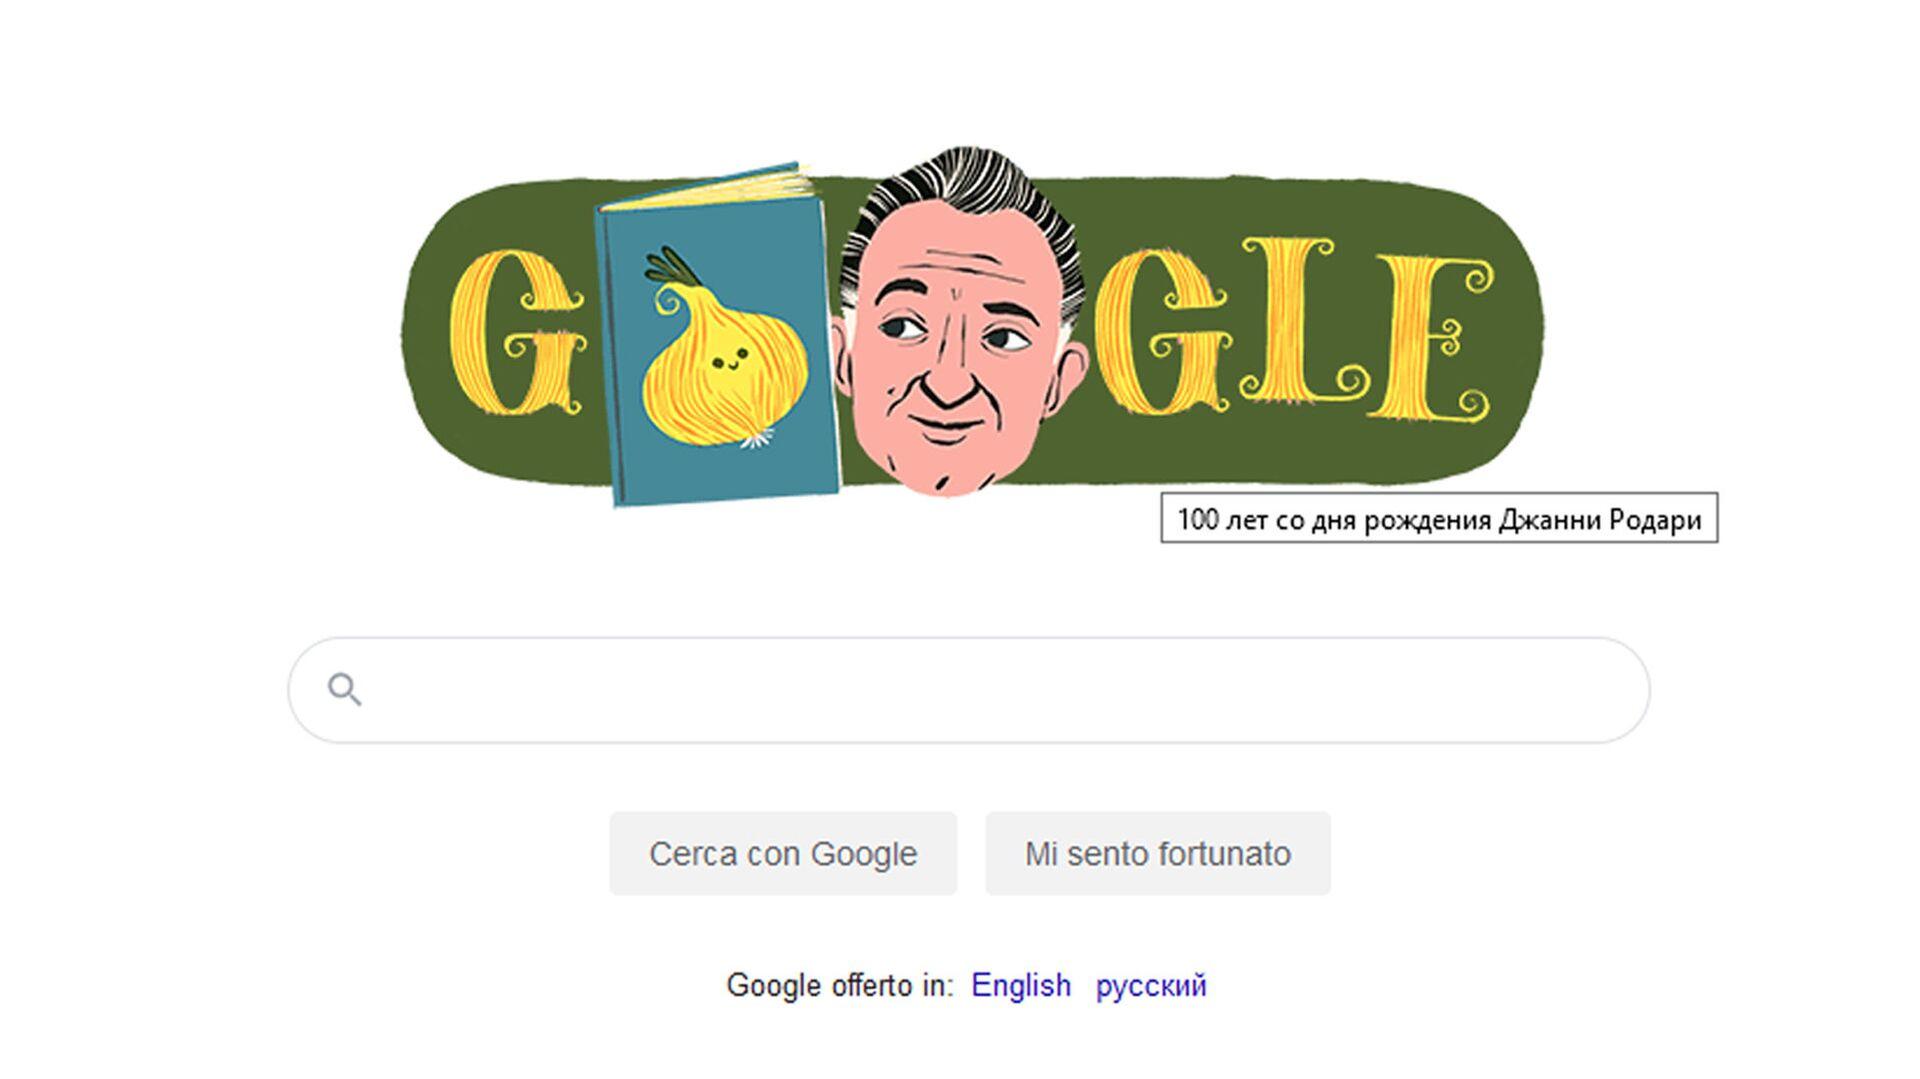 Doodle di Google per il centenario della nascita di Gianni Rodari - Sputnik Italia, 1920, 27.09.2021